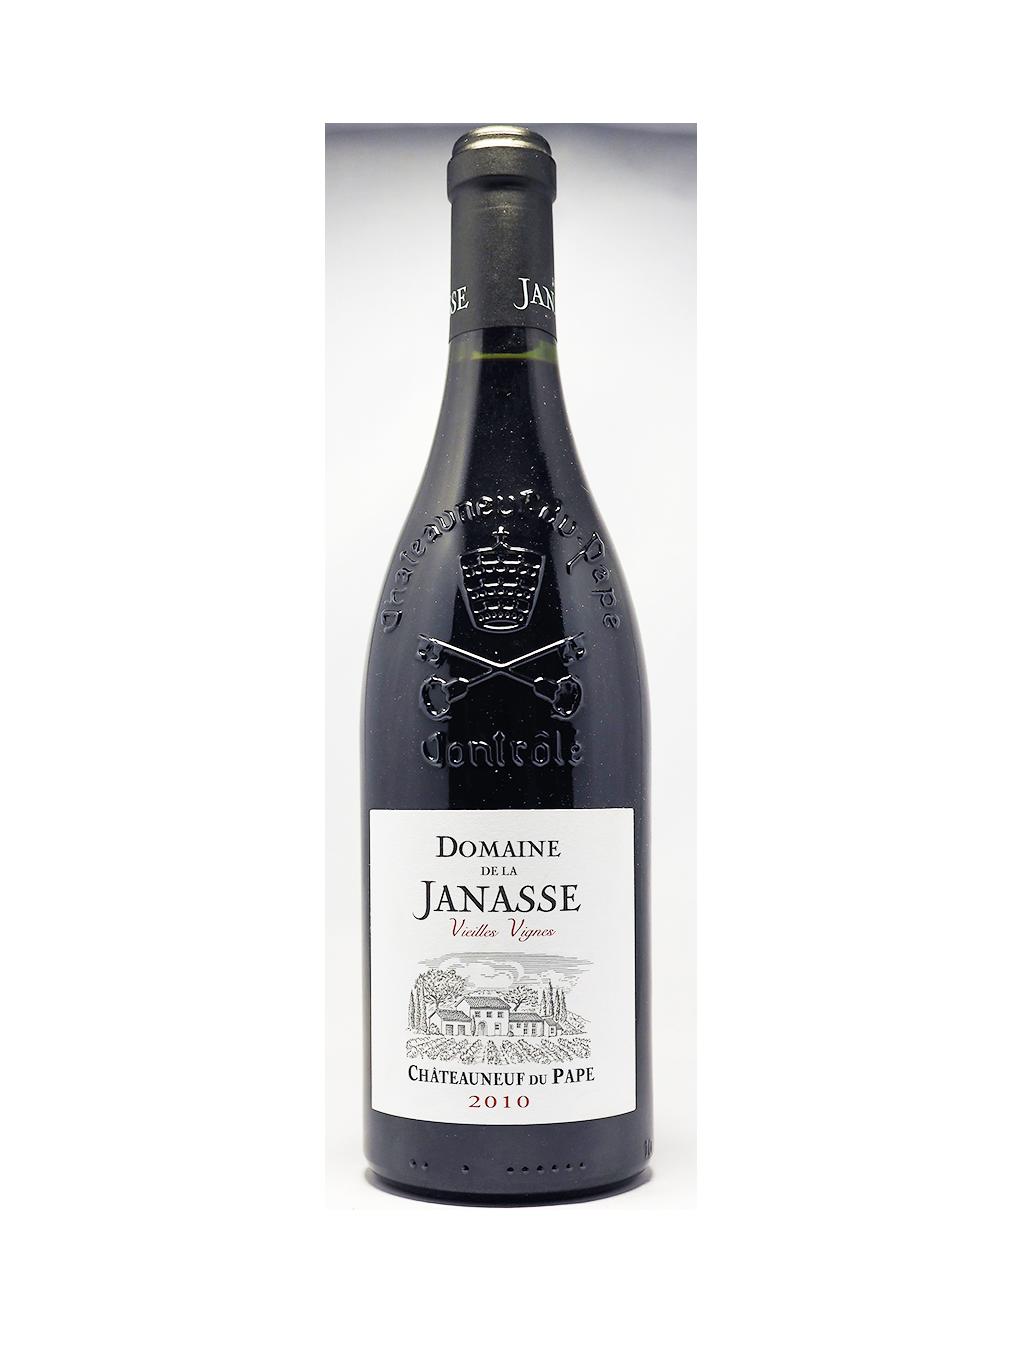 Domaine de la Janasse Vieilles Vignes 2010